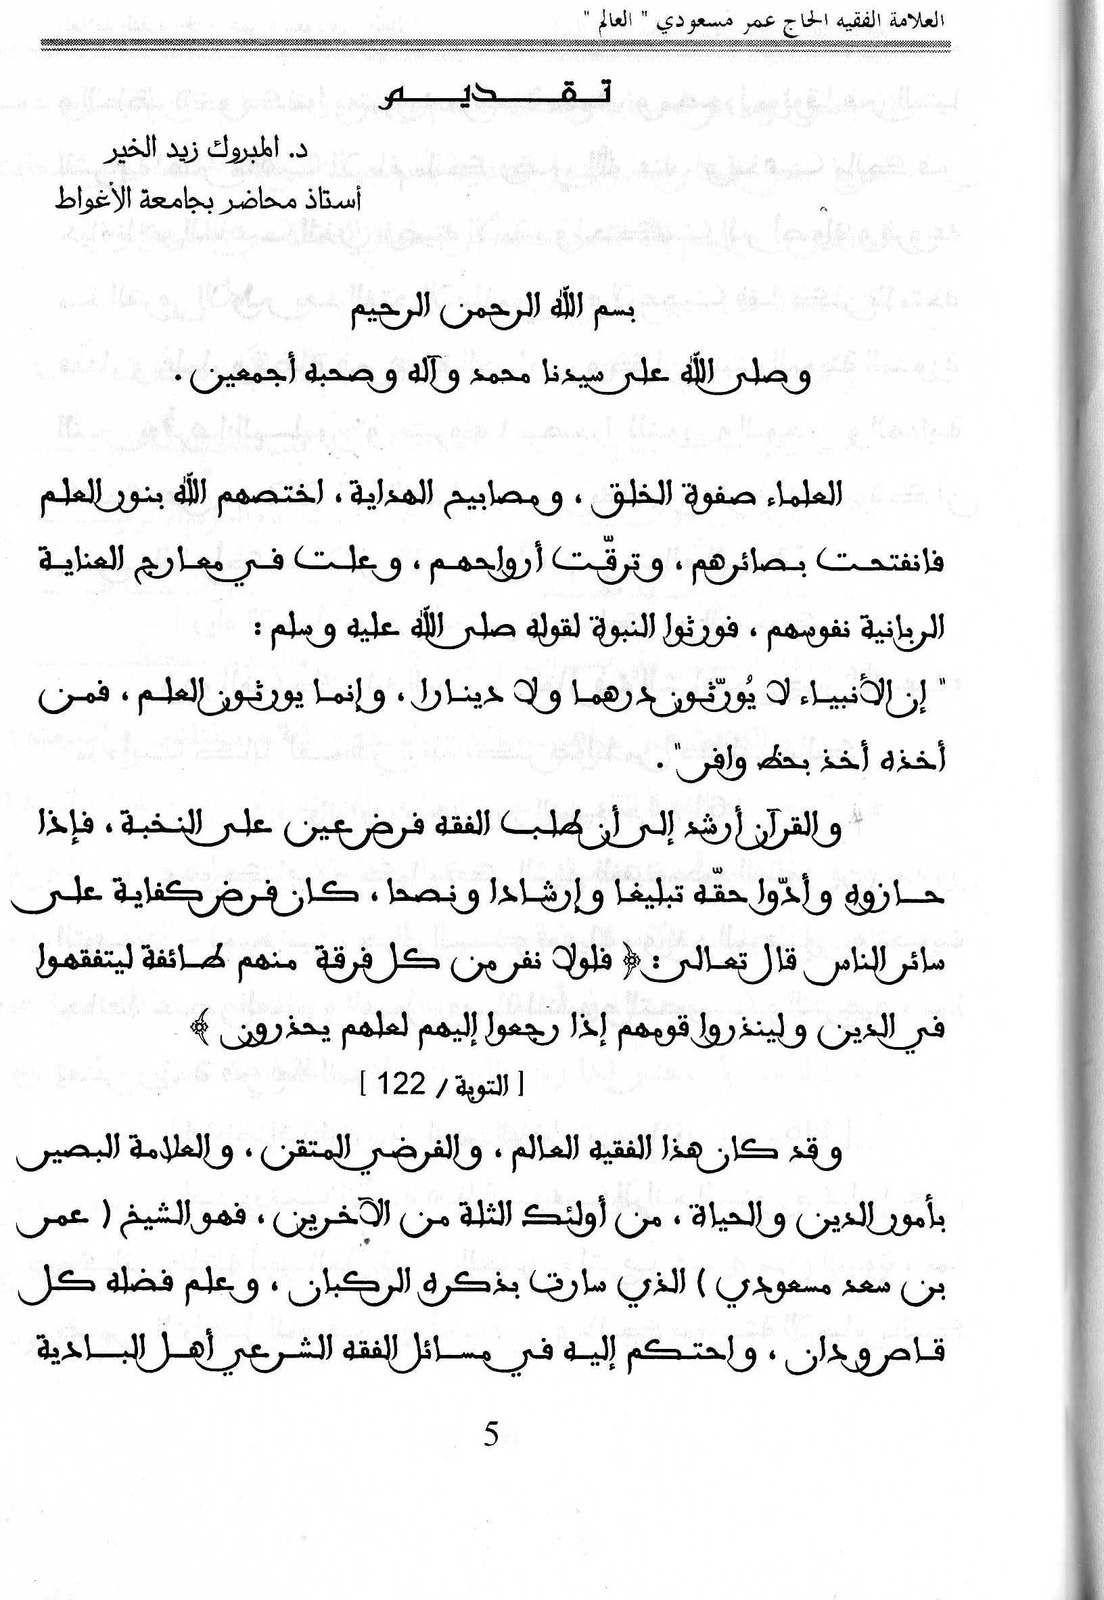 الشيخ الحاج عمر مسعودي